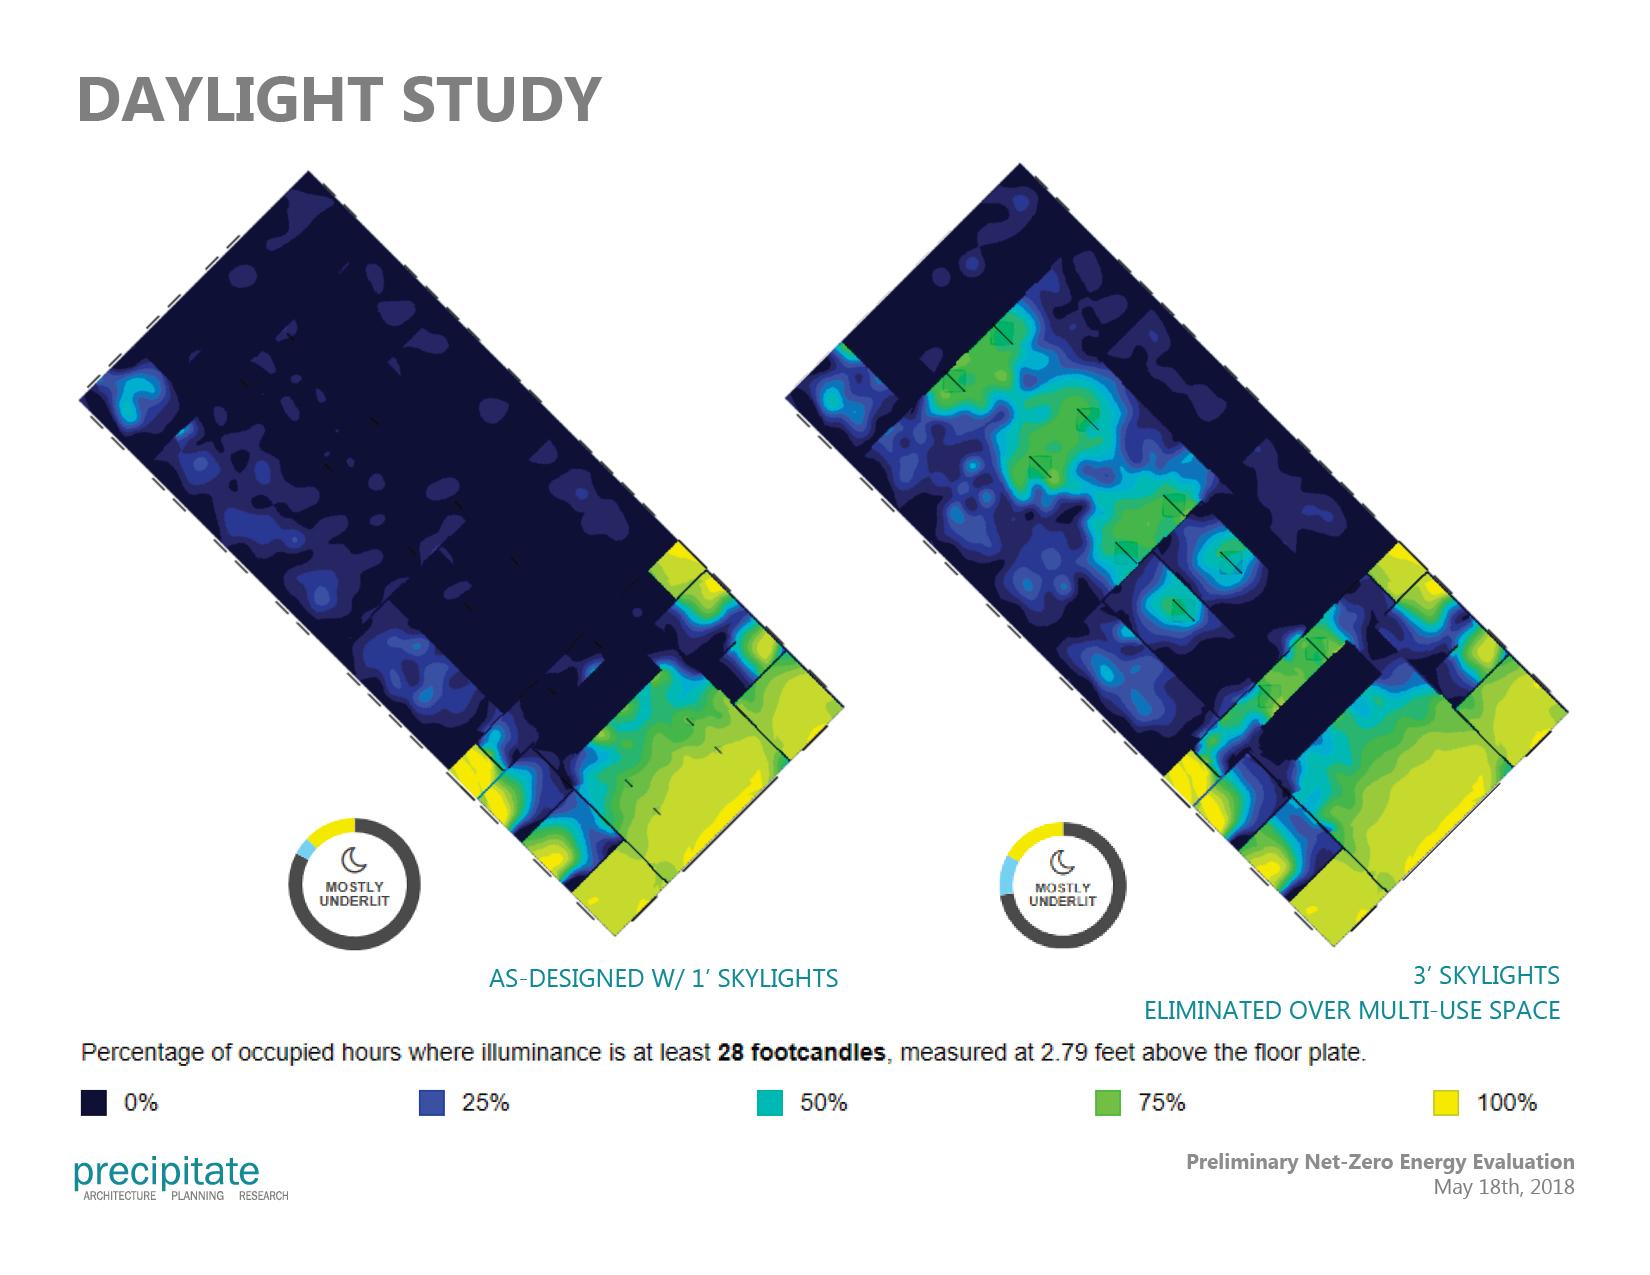 Comparative Daylight Study